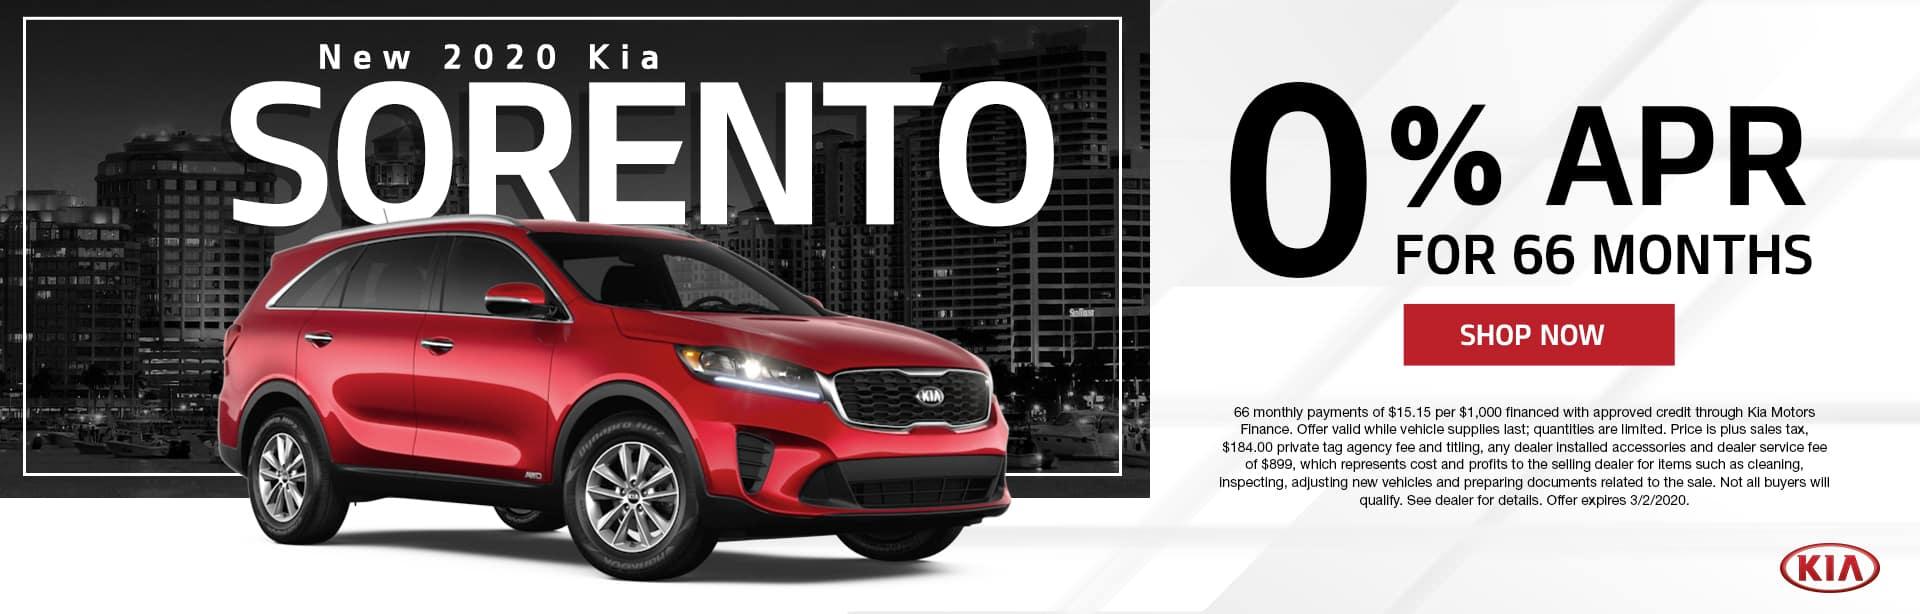 New 2020 Kia Sorento | 0% APR For 66 Months